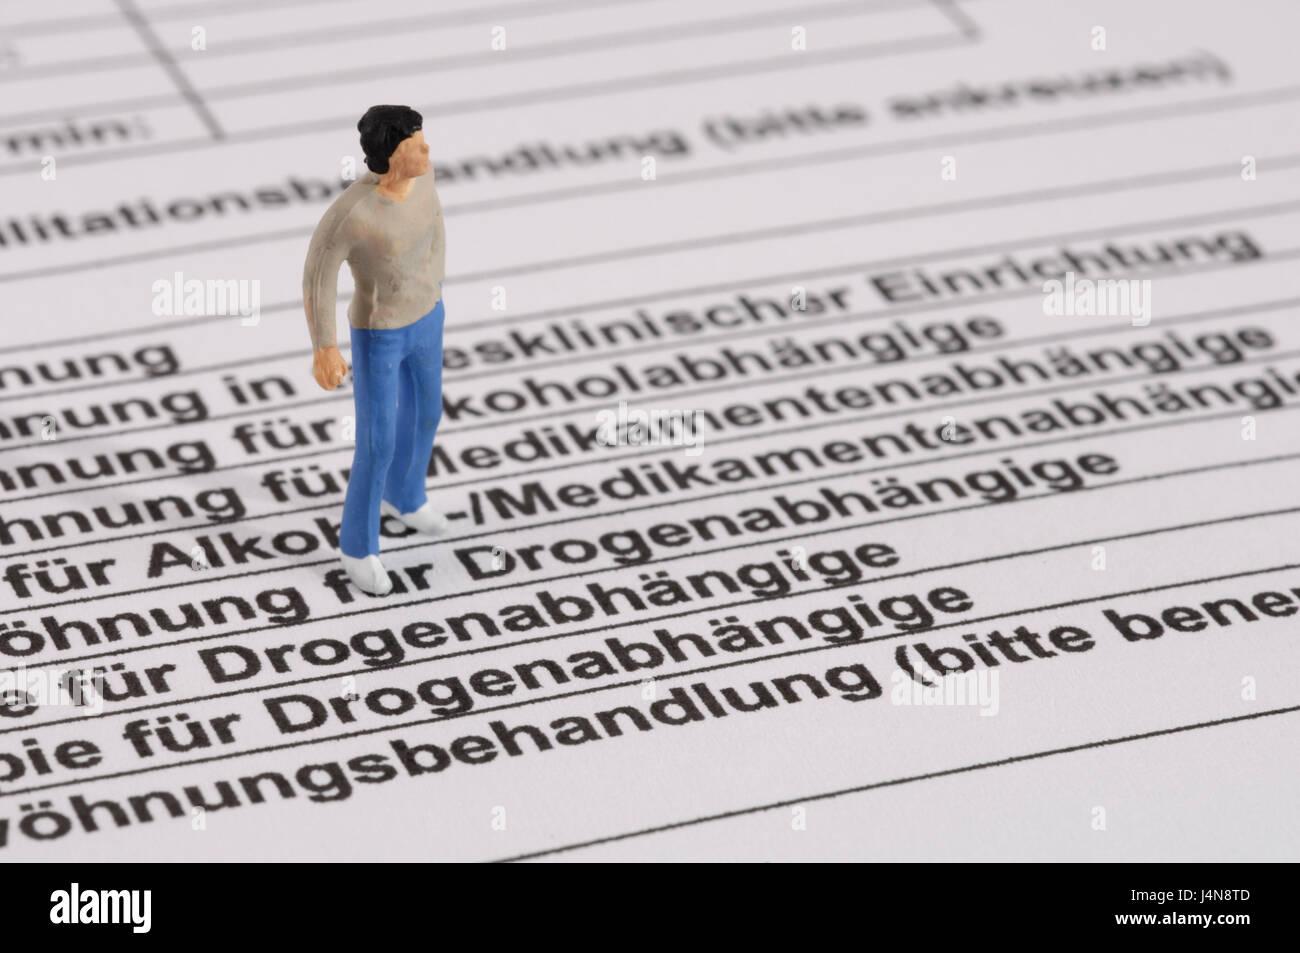 Old Fashioned Freistellung Anfrageformular Ensign - FORTSETZUNG ...